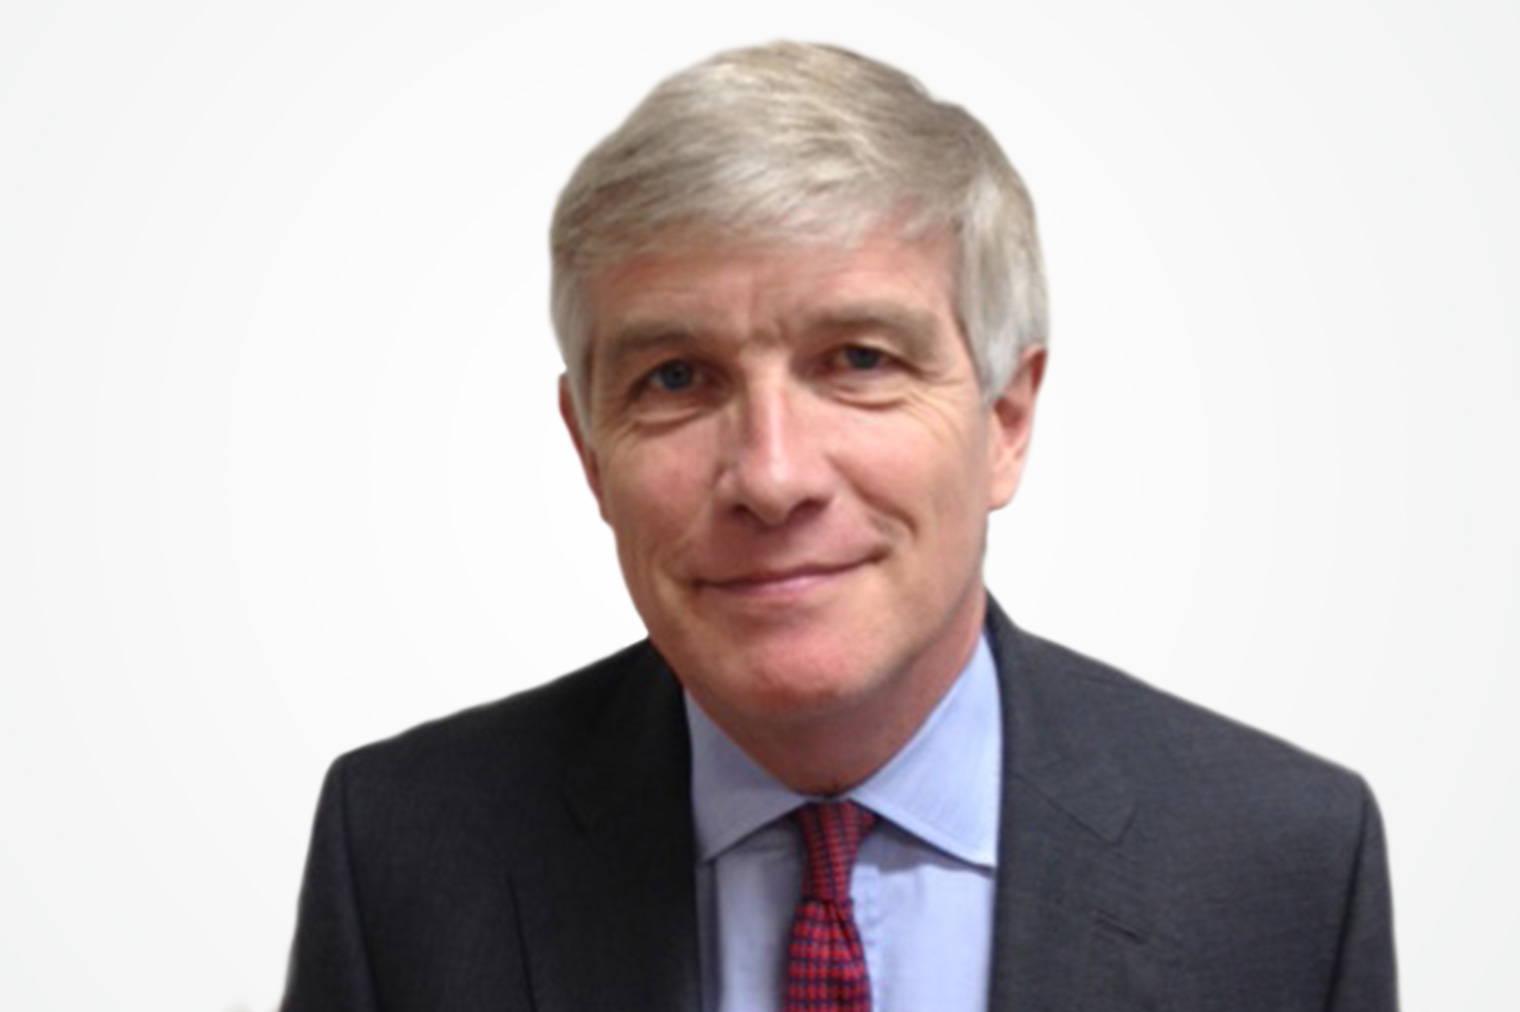 Dr. Michael Dooley